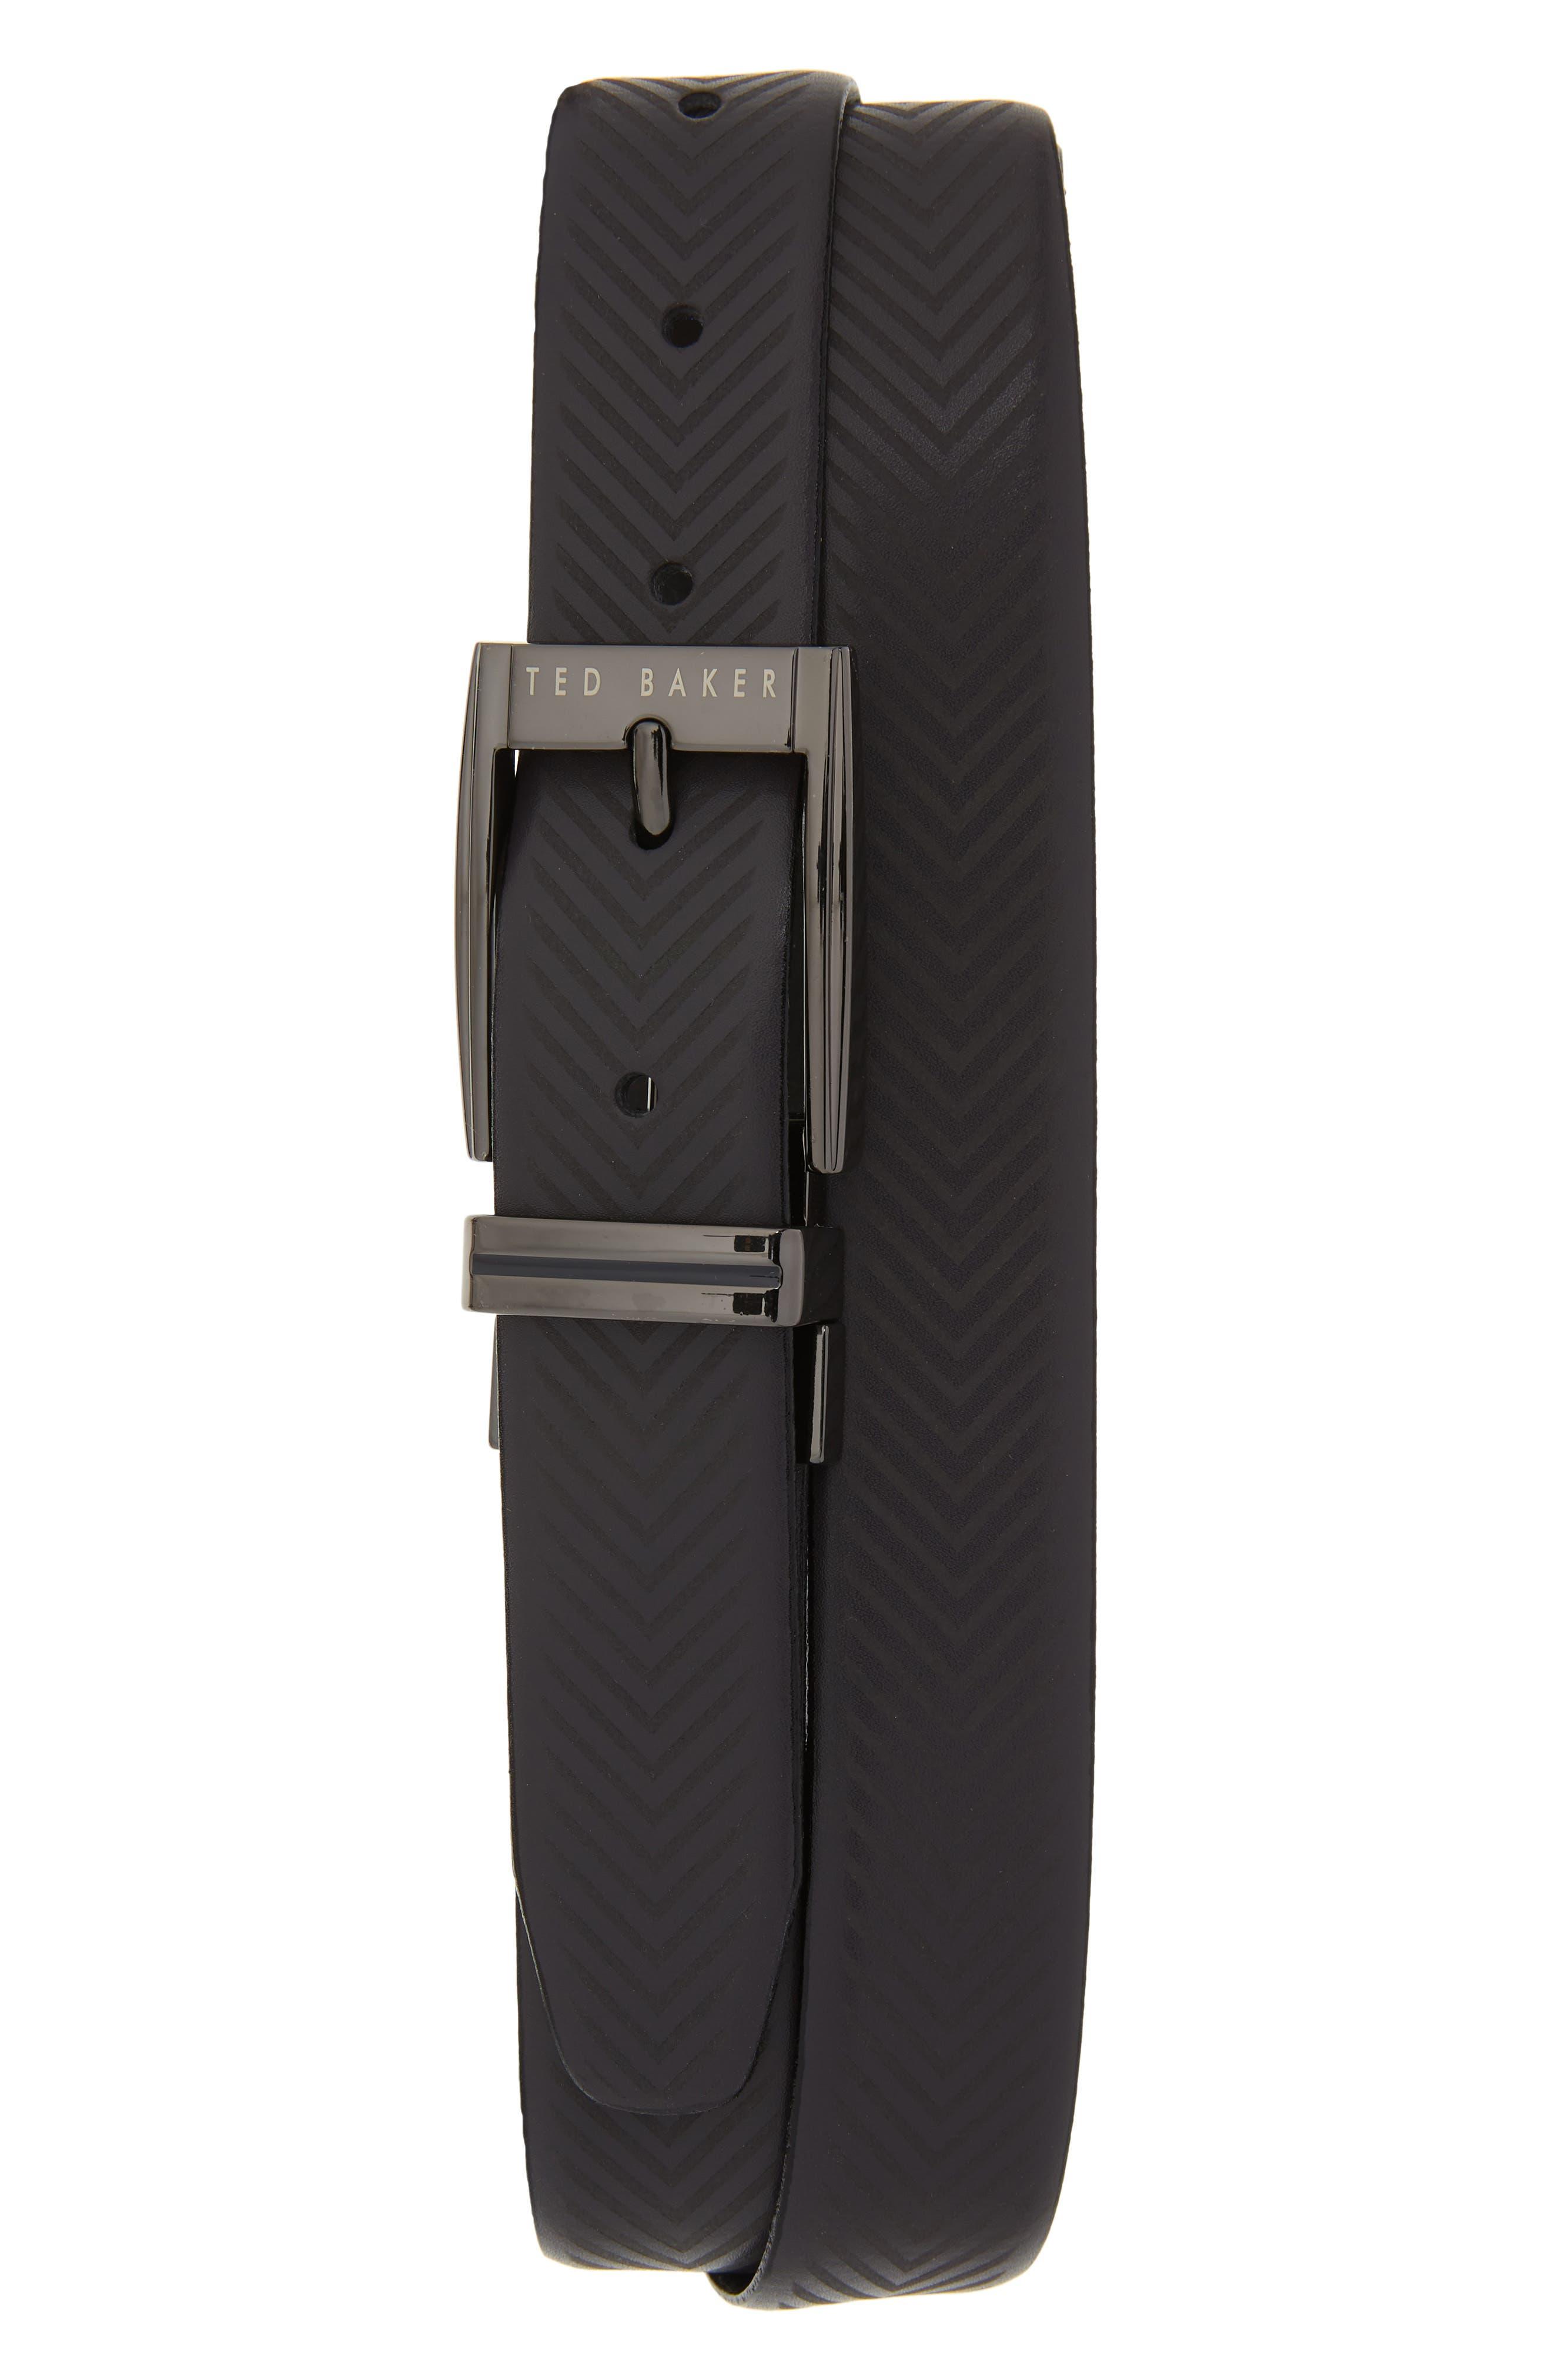 Ted Baker London Herringbone Reversible Belt, Navy